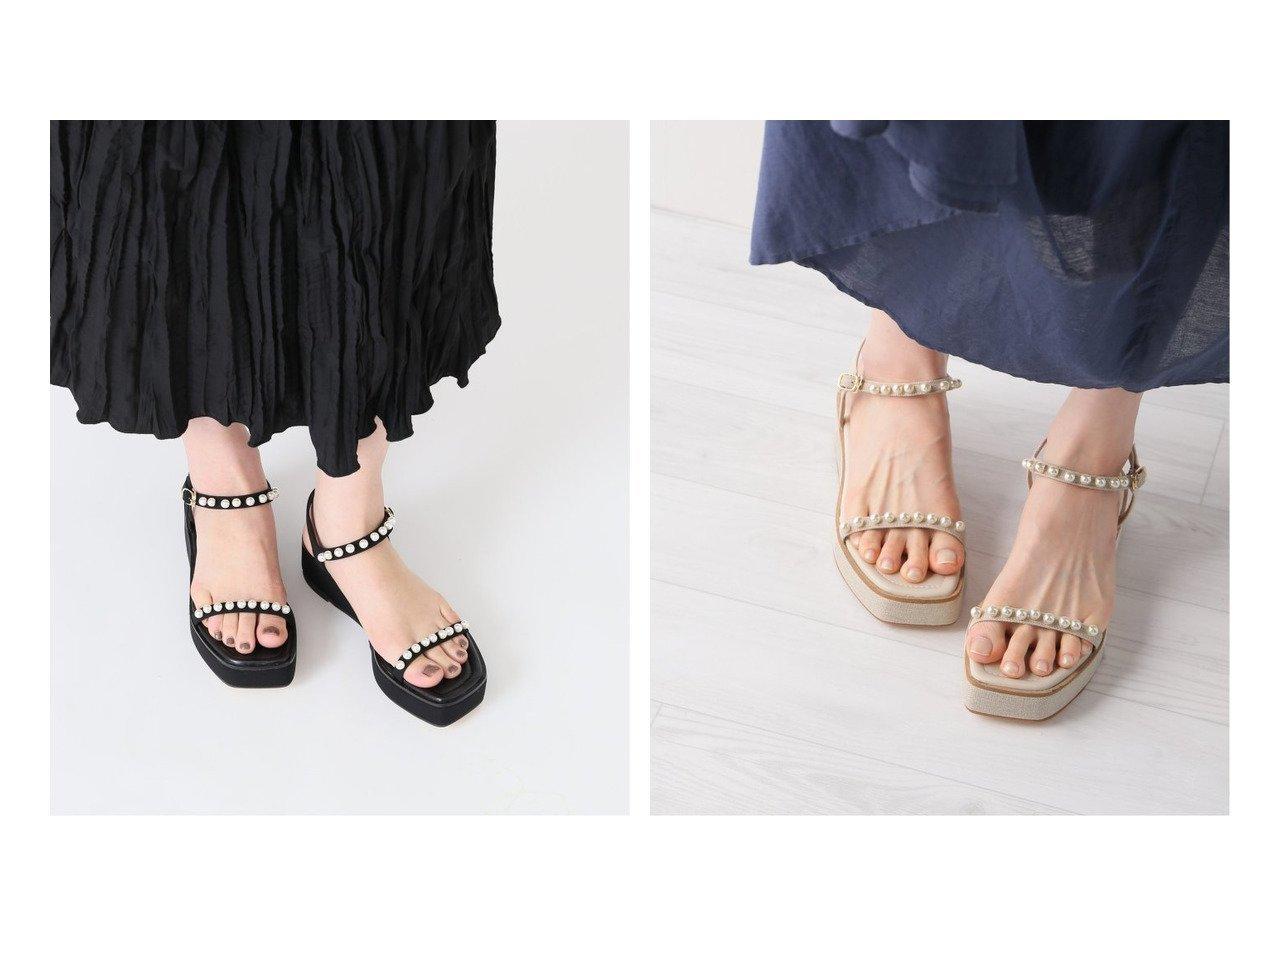 【Le Talon/ル タロン】の4cmパールプラットサンダル 【シューズ・靴】おすすめ!人気、トレンド・レディースファッションの通販 おすすめで人気の流行・トレンド、ファッションの通販商品 インテリア・家具・メンズファッション・キッズファッション・レディースファッション・服の通販 founy(ファニー) https://founy.com/ ファッション Fashion レディースファッション WOMEN 2021年 2021 2021春夏・S/S SS/Spring/Summer/2021 S/S・春夏 SS・Spring/Summer おすすめ Recommend サンダル シューズ シンプル パール 再入荷 Restock/Back in Stock/Re Arrival 夏 Summer  ID:crp329100000052533